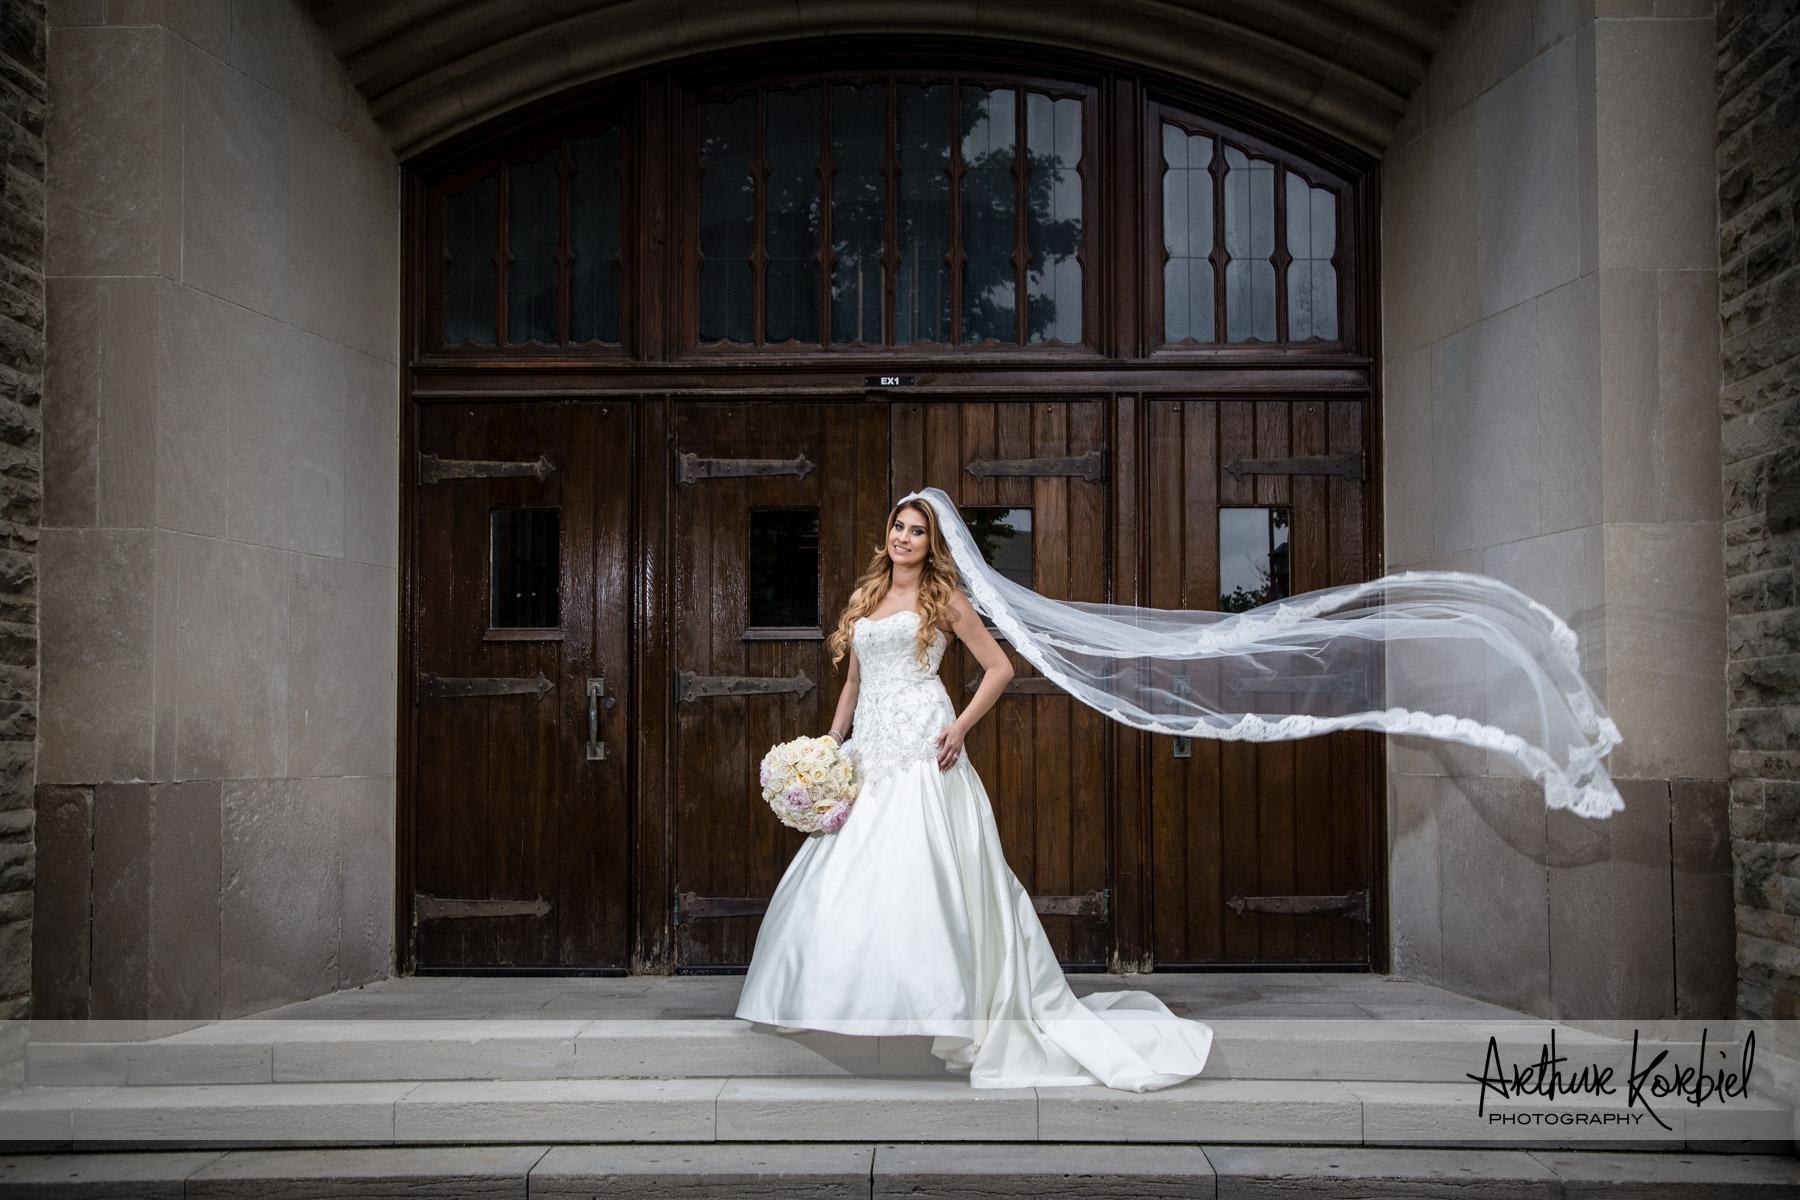 Arthur Korbiel Photography - London Wedding Photographer-026.jpg